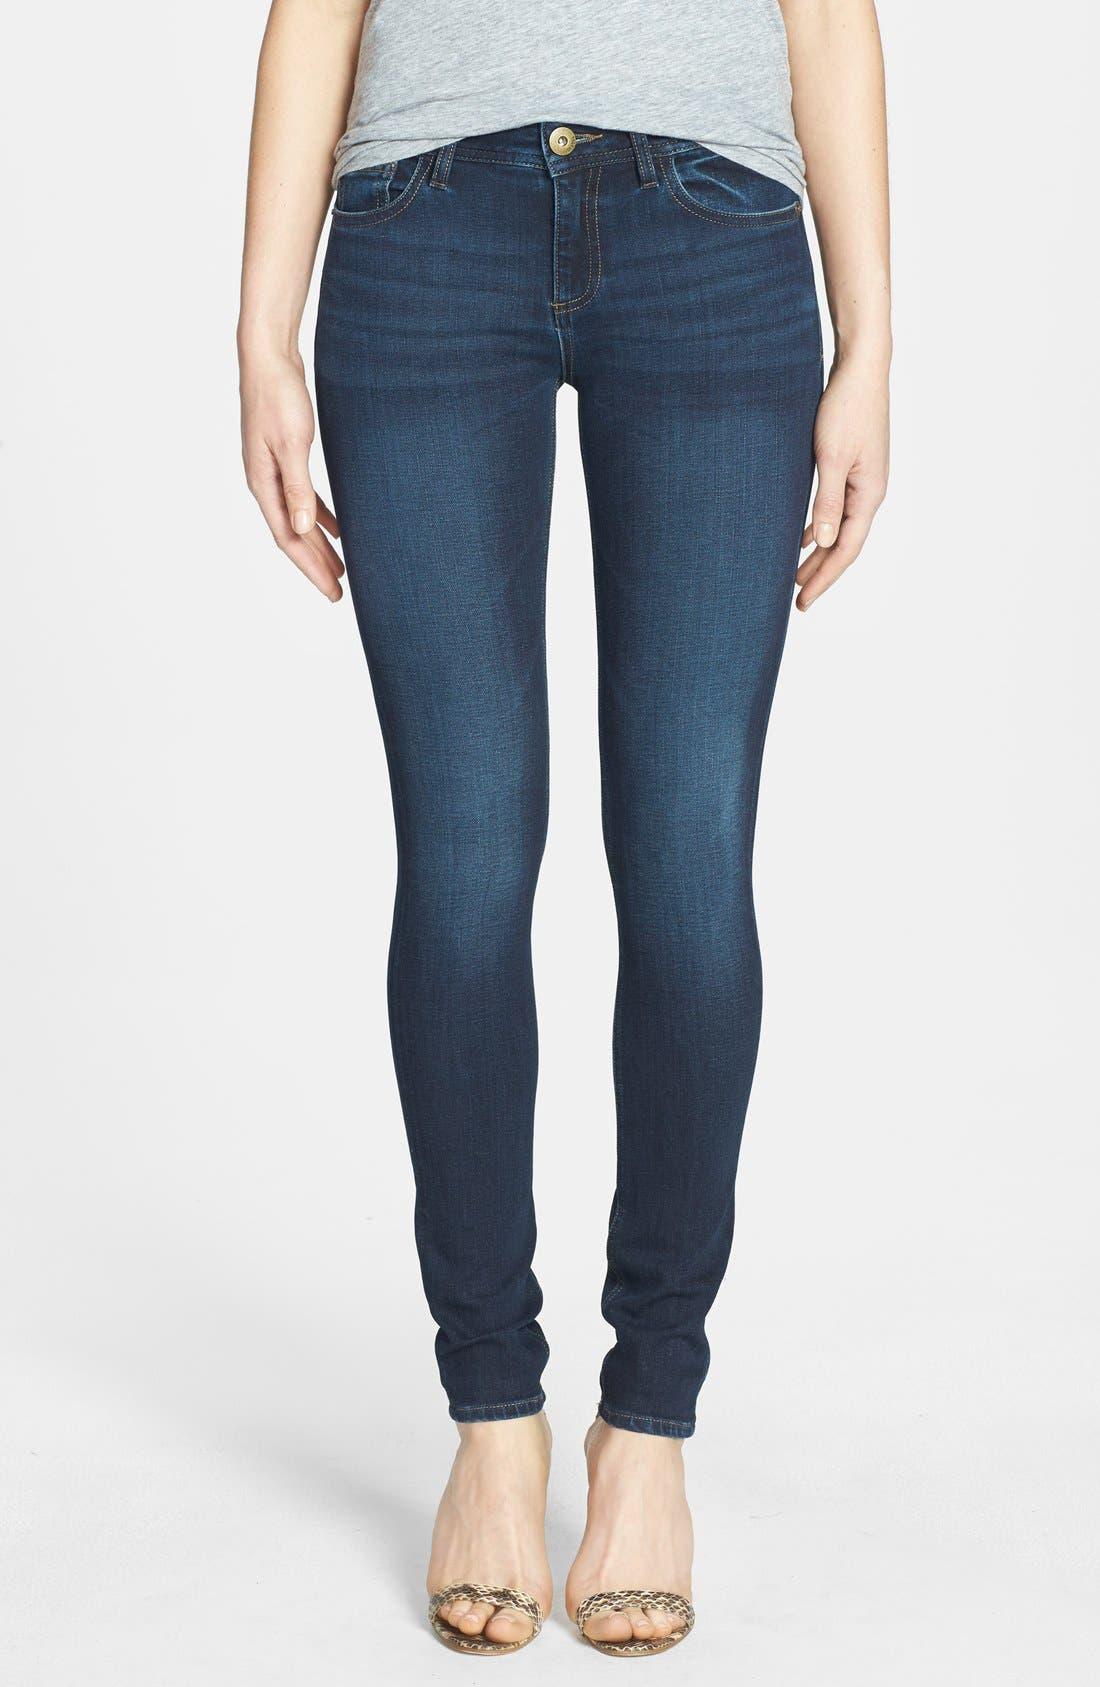 Main Image - DL1961 'Florence' Instasculpt Skinny Jeans (Warner)